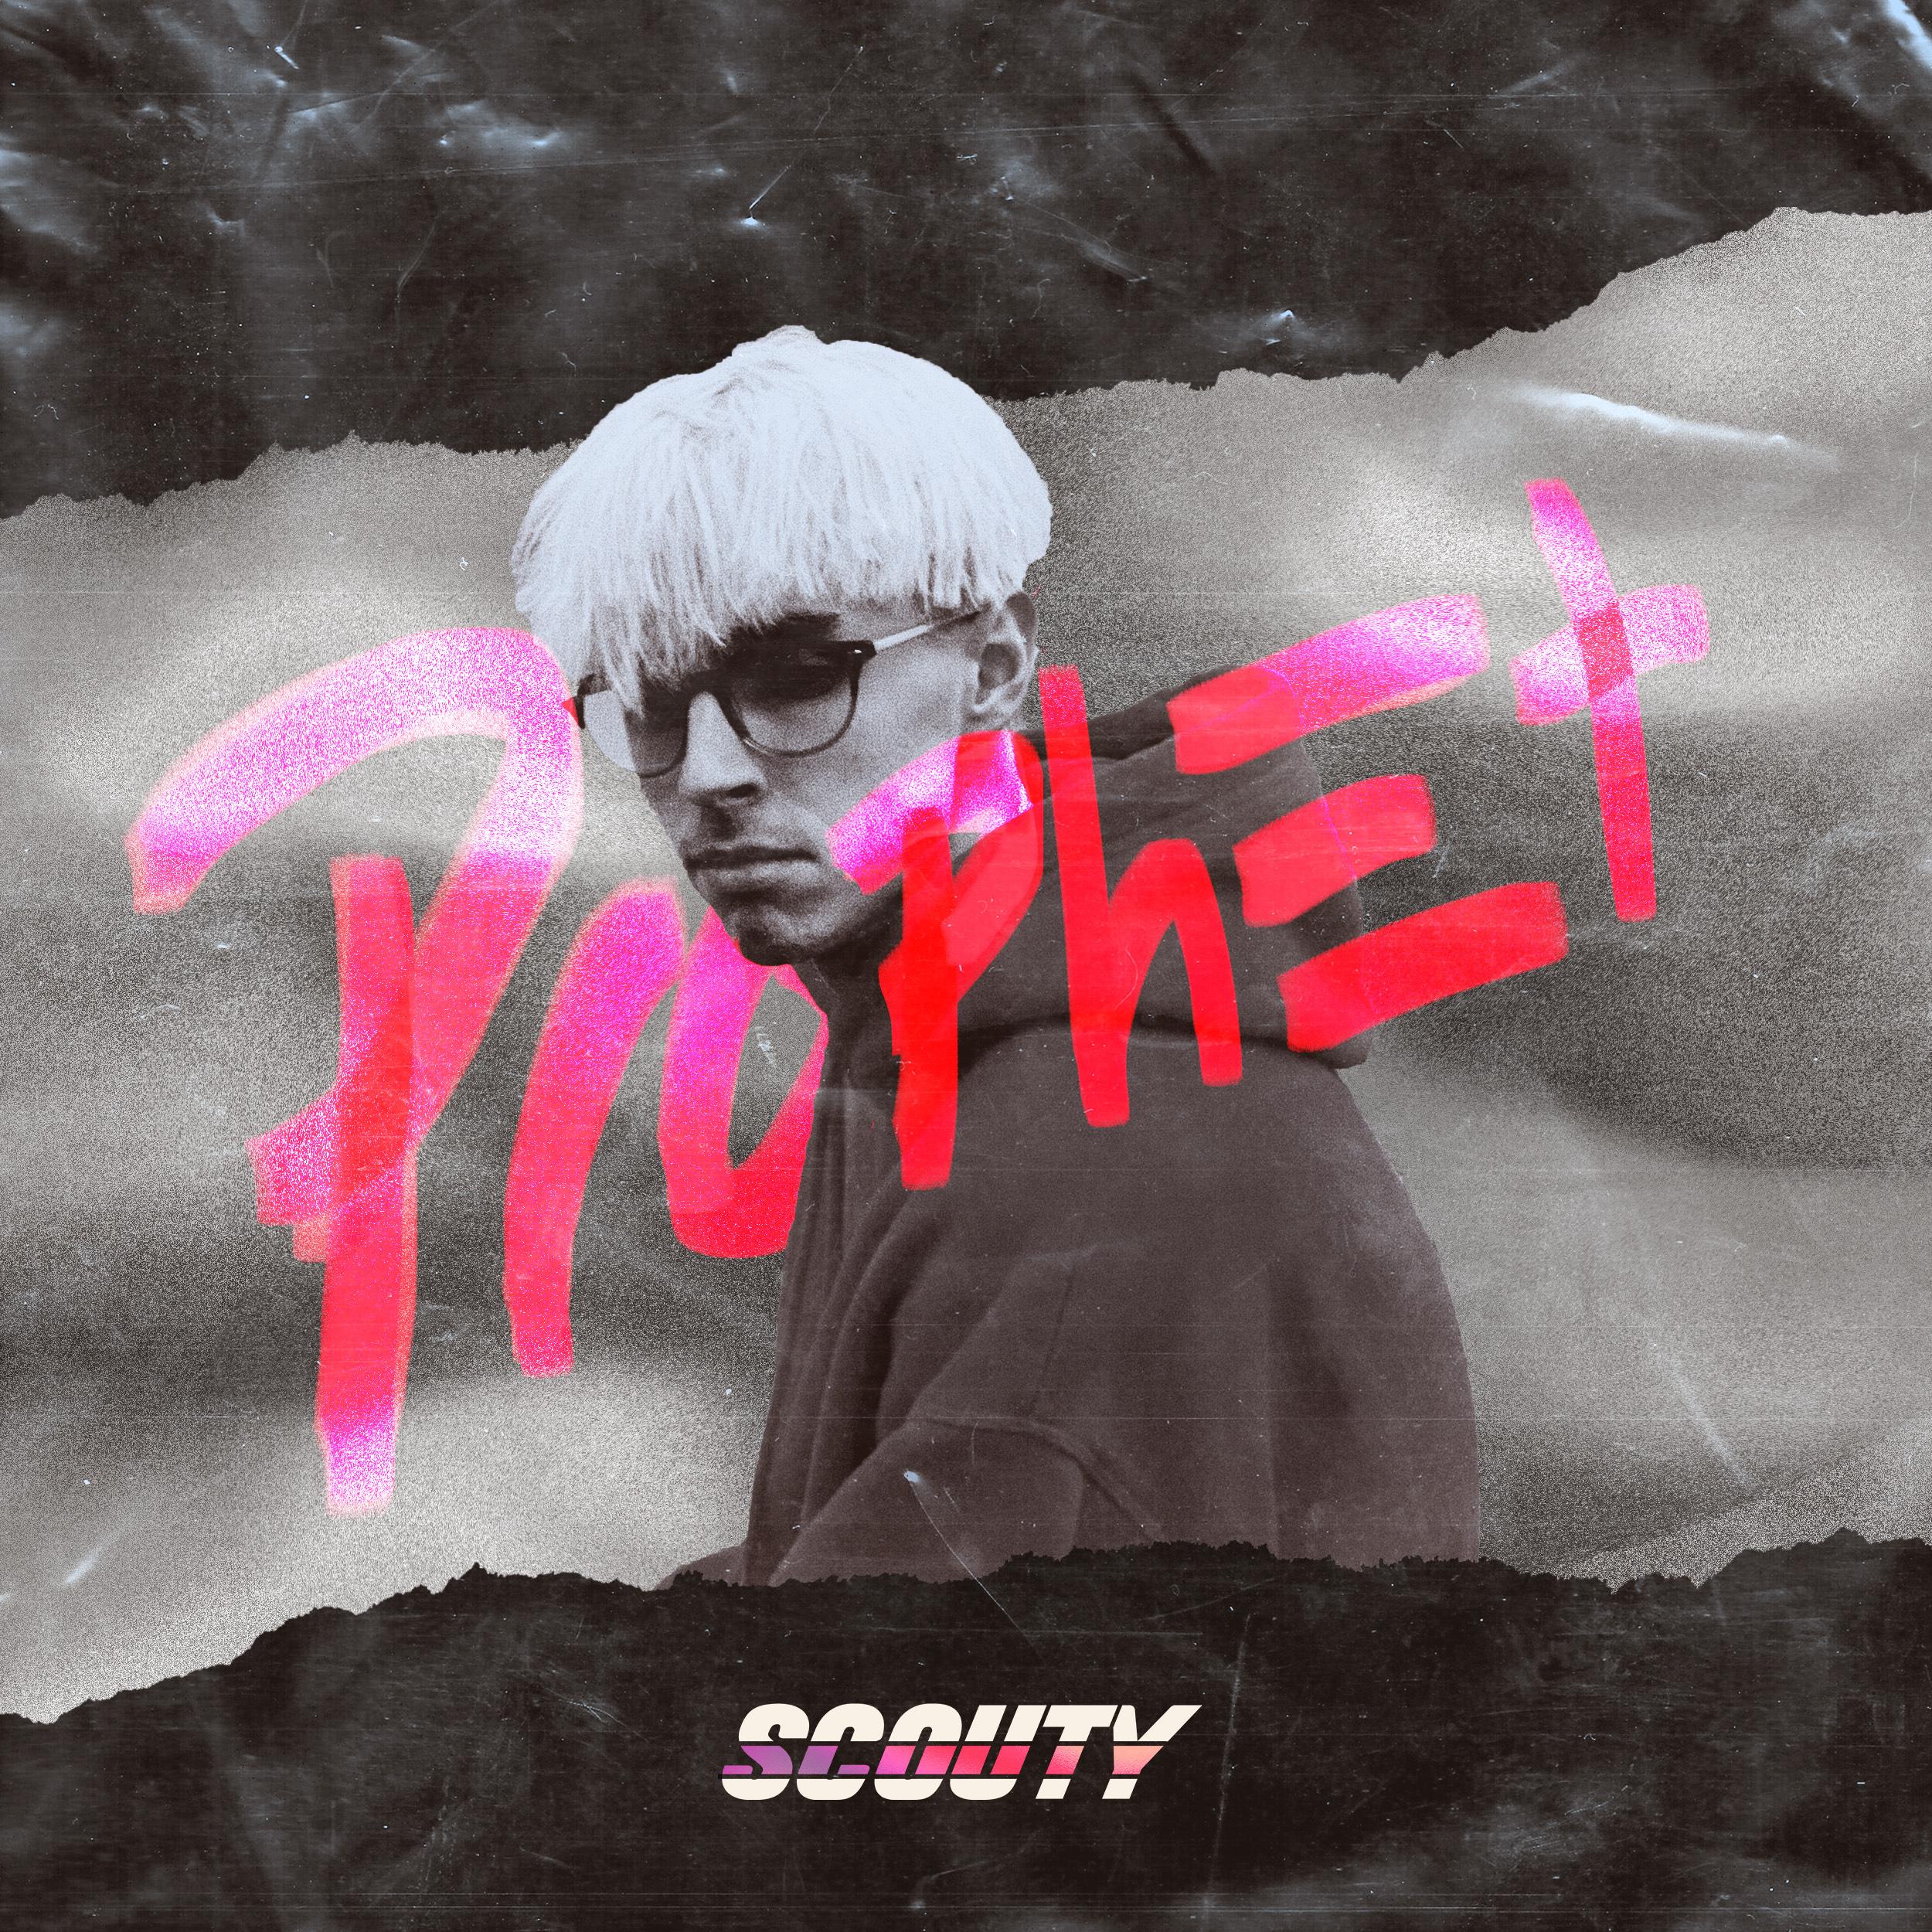 Scouty | Prophet | Self-Released